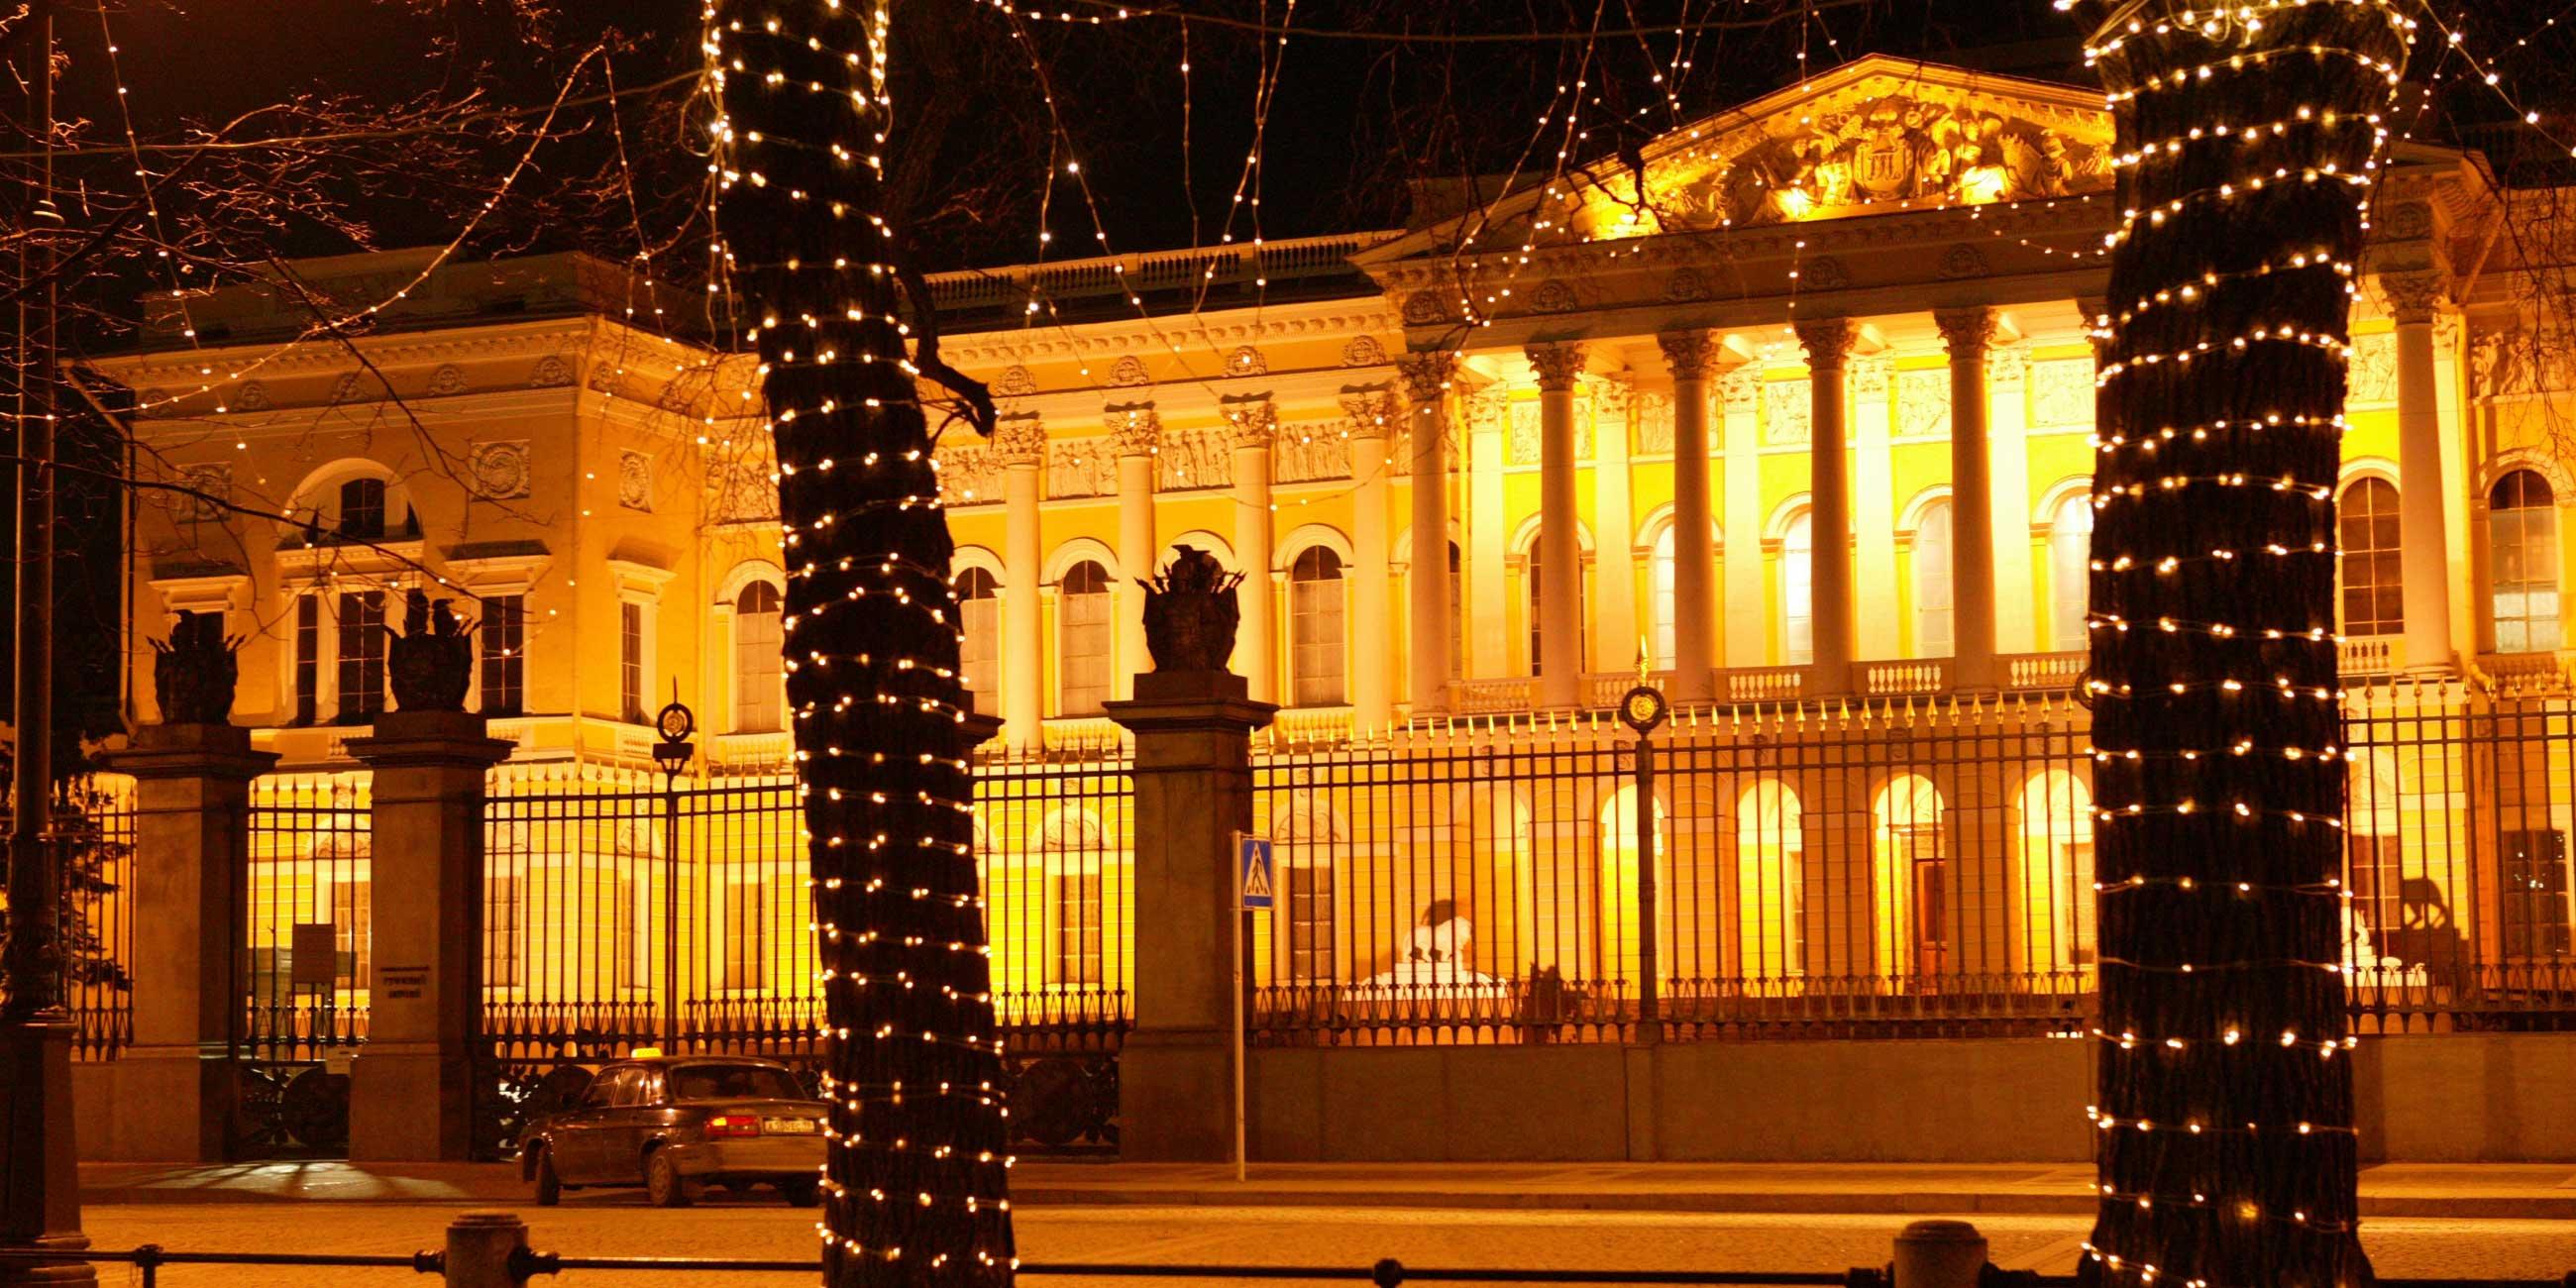 Вечером Михайловский дворец красиво подсвечиваетсяФото: globallookpress.com